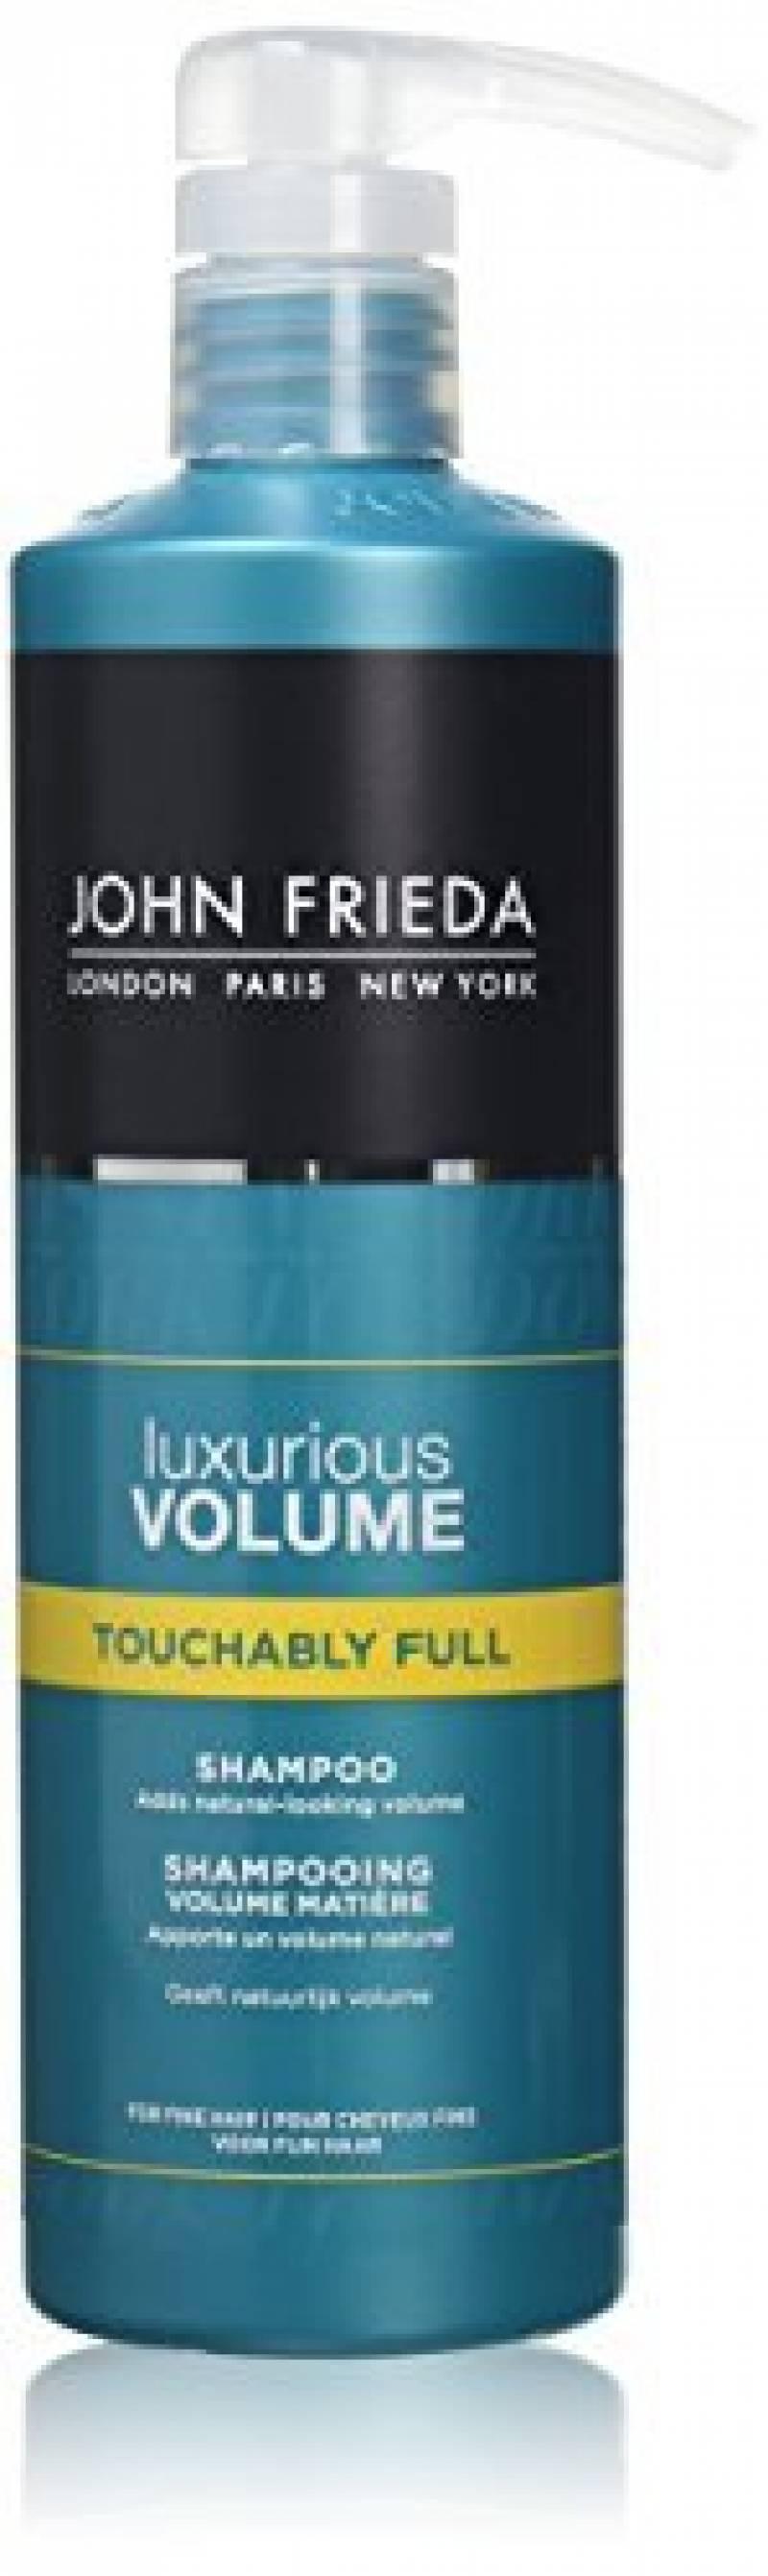 JOHN FRIEDA Luxurious Volume Shampooing 7 Jours 500 ml Modèle aléatoire de la marque John Frieda TOP 7 image 0 produit